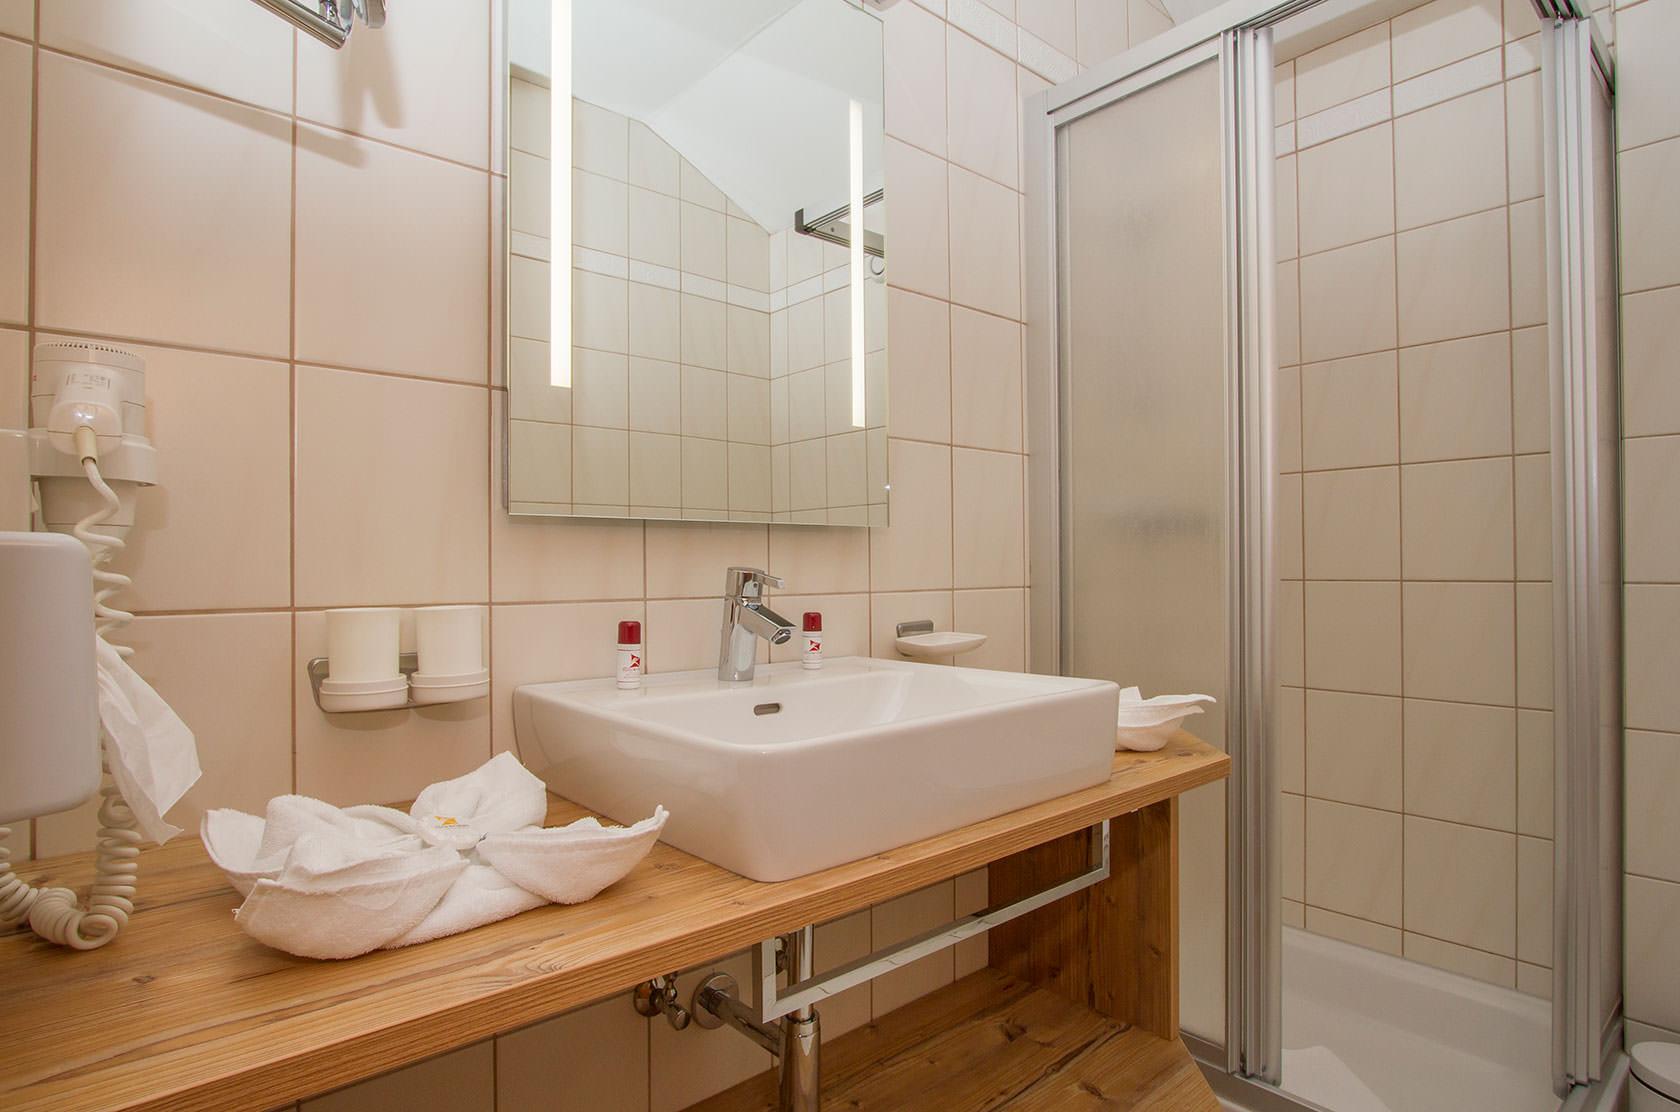 Ansicht eines Badezimmers im Hotel